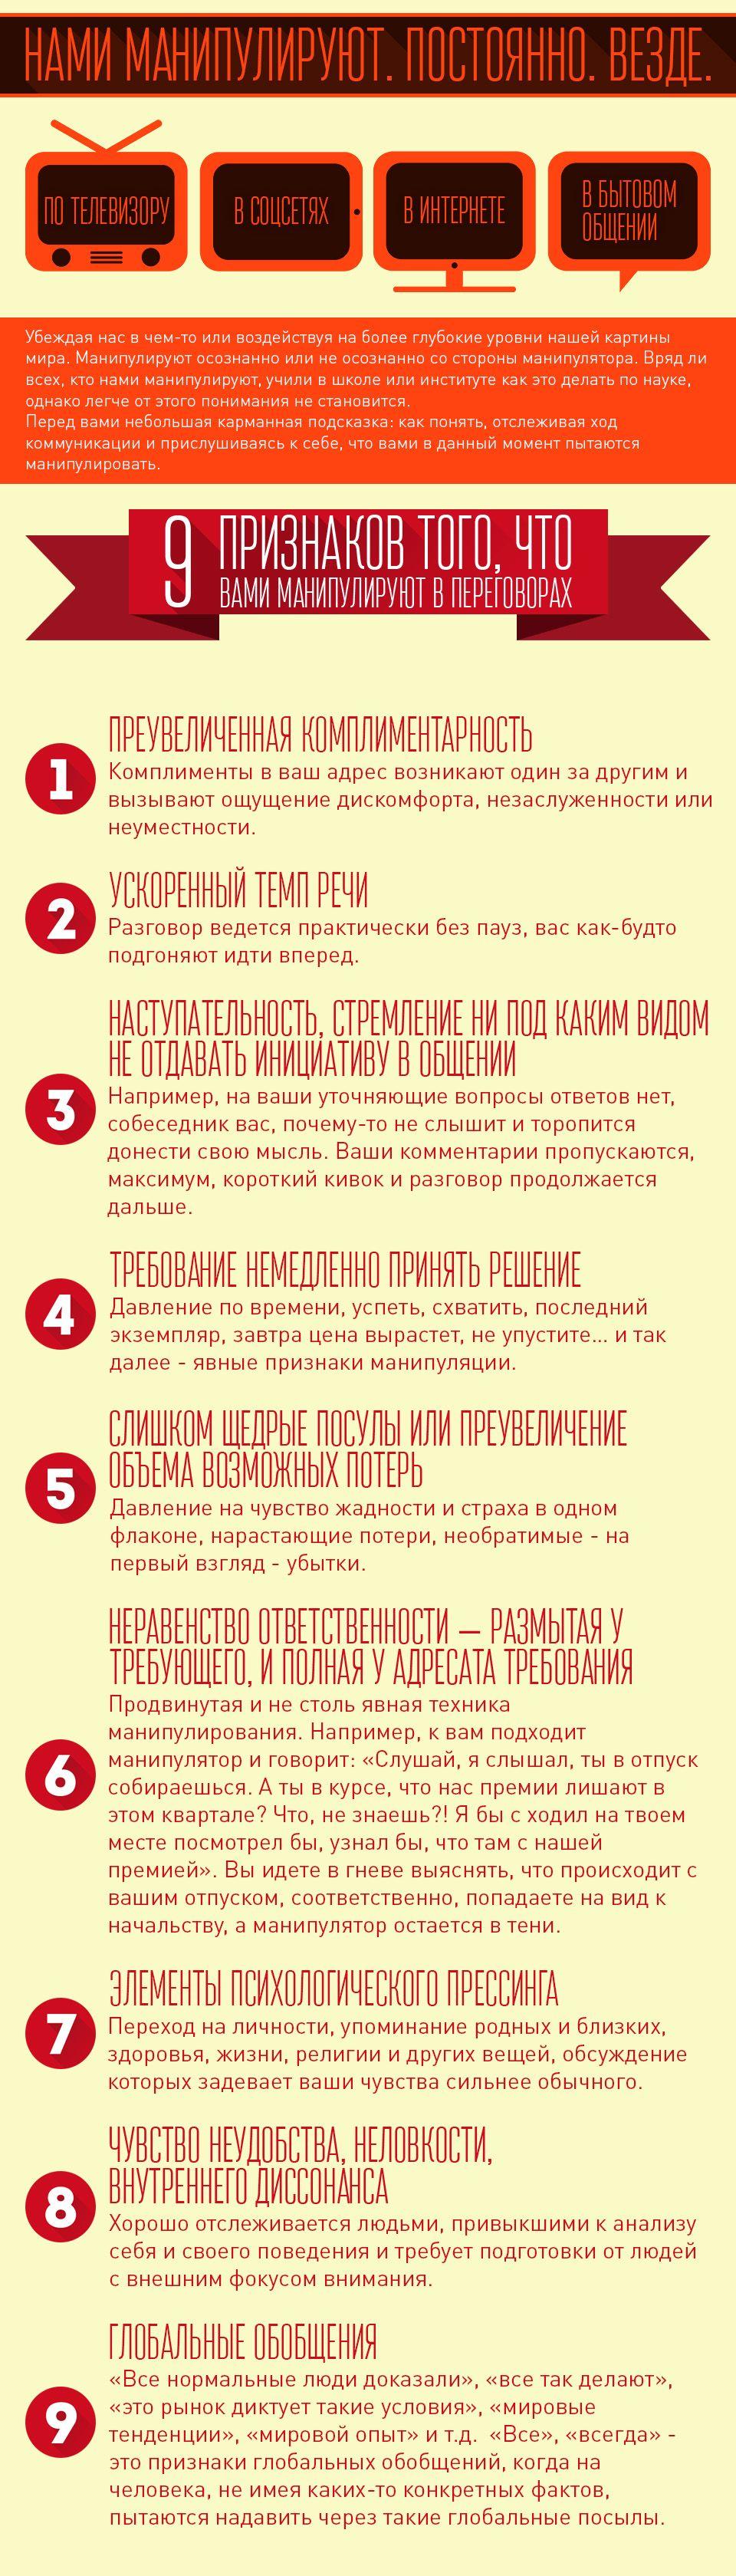 Инфографика по манипуляциям в переговорах  - дизайнер nikitandn